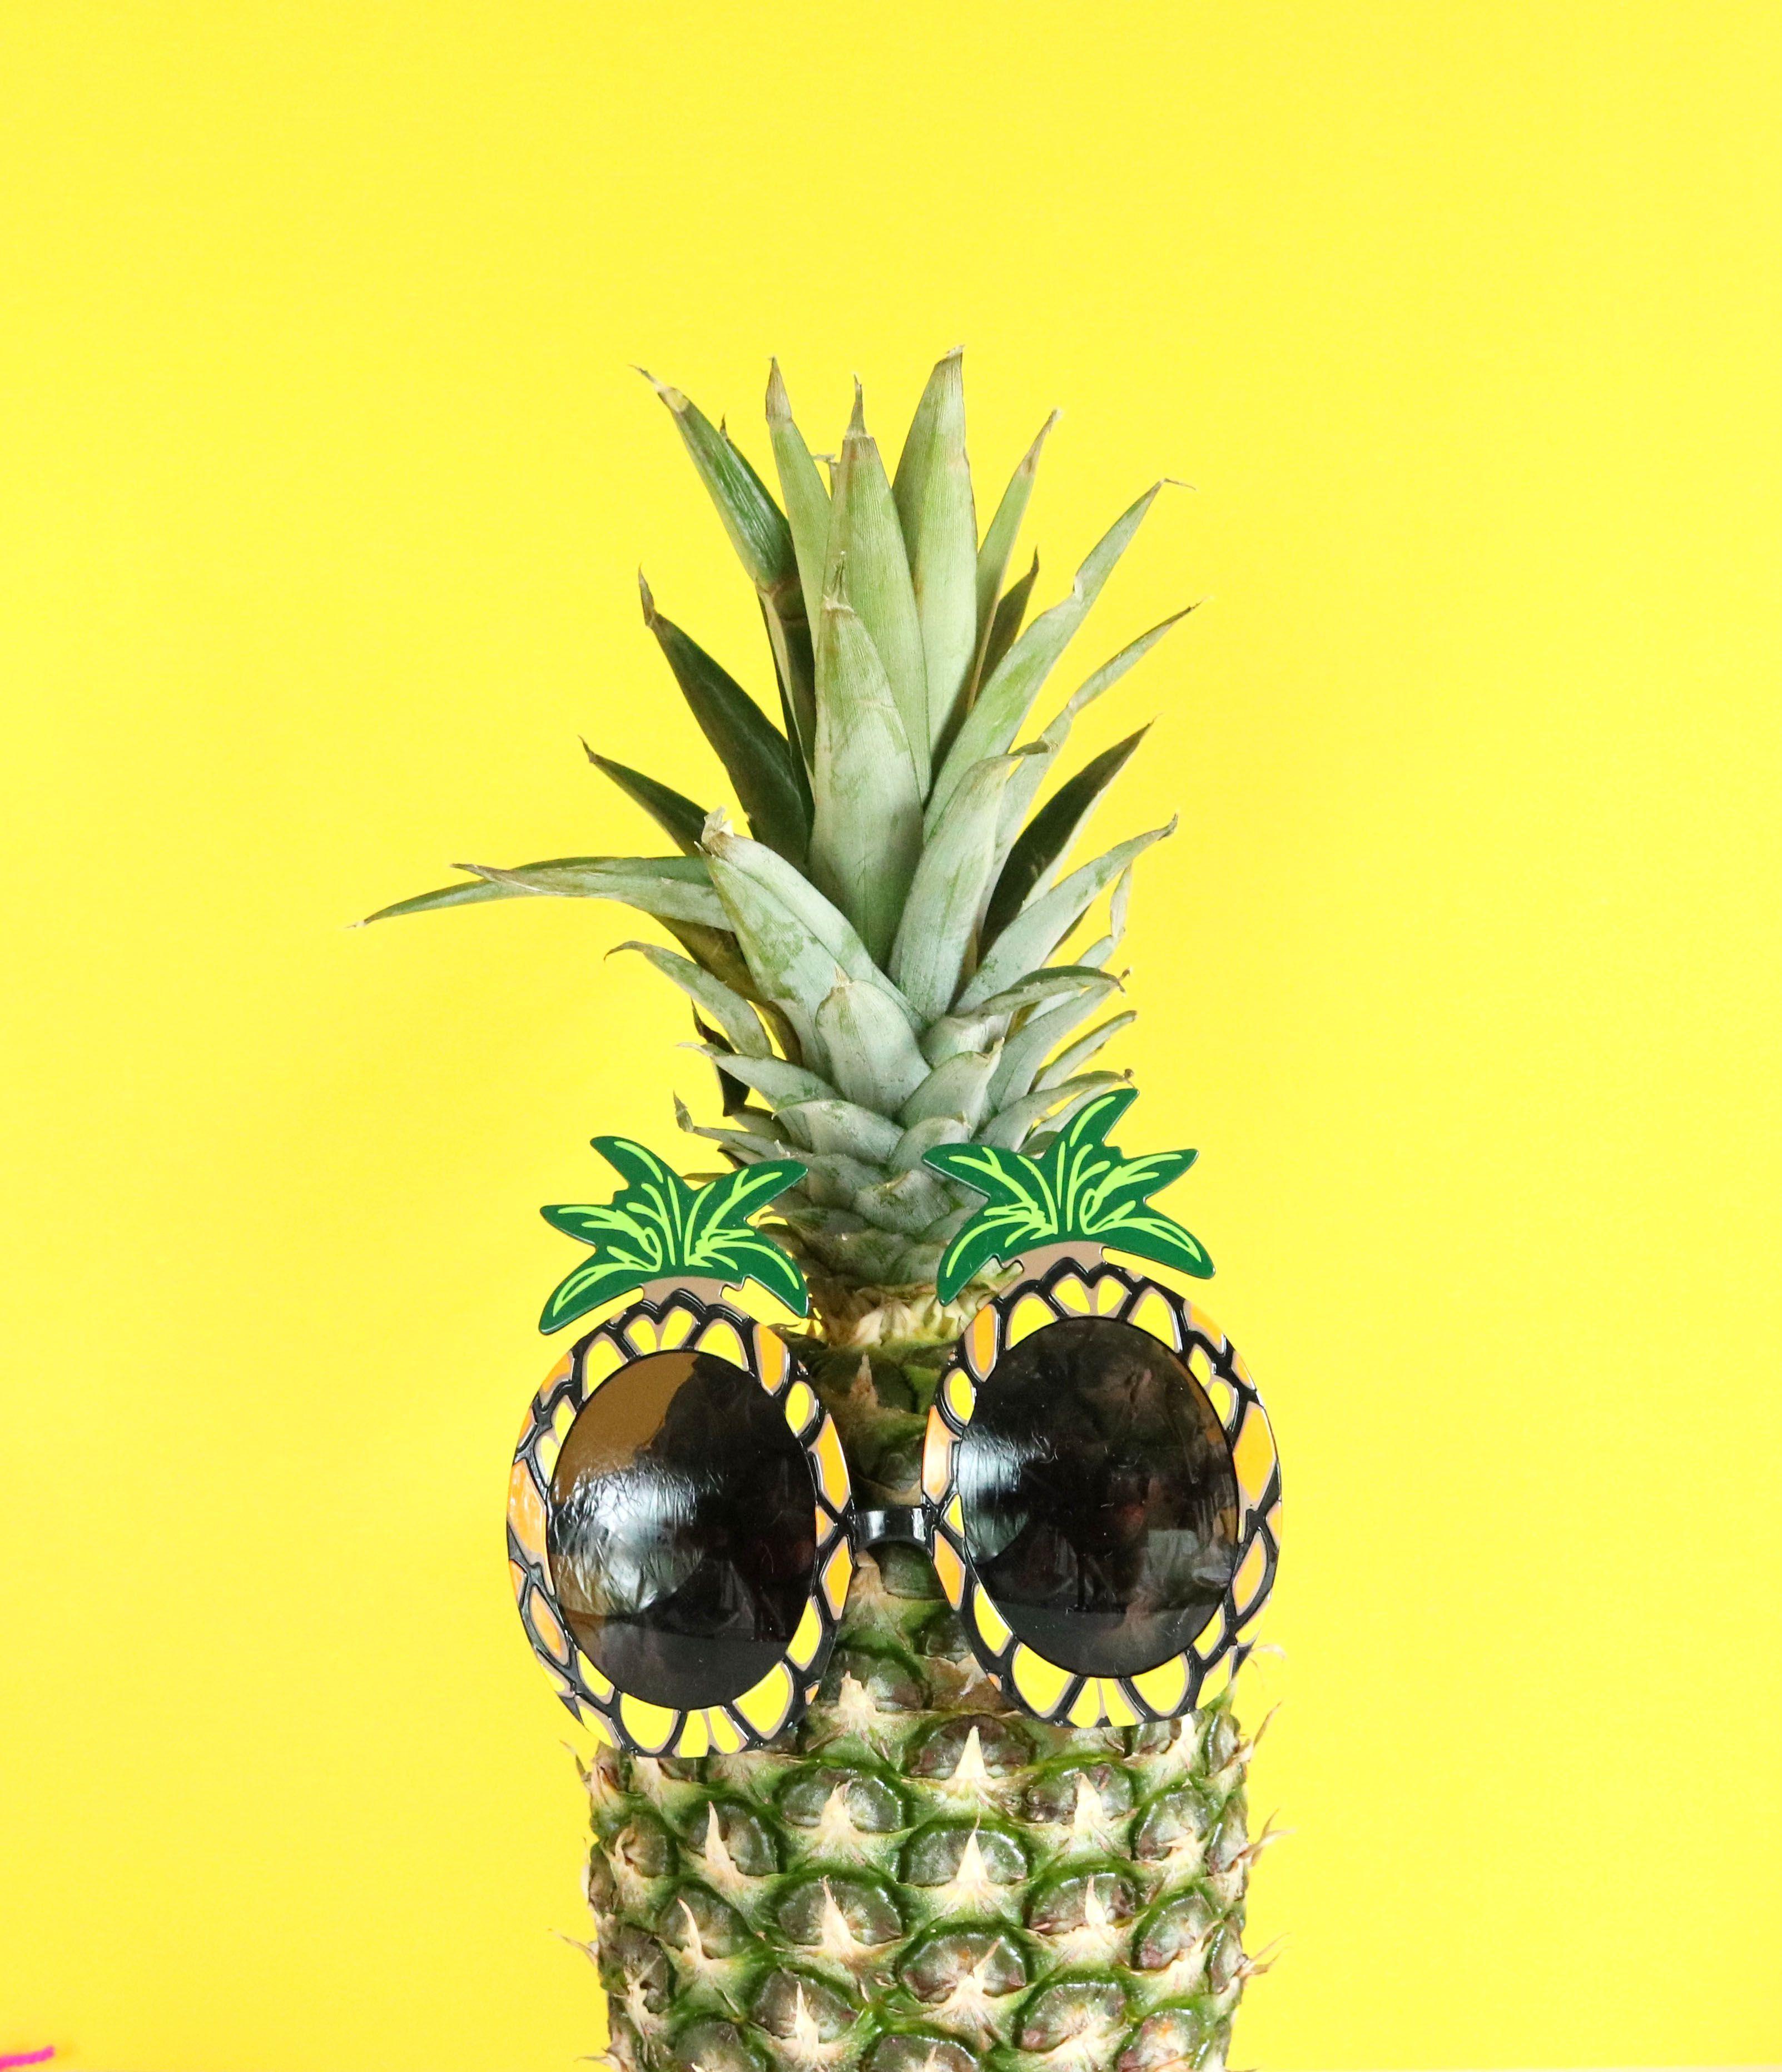 подвербная картинки ананасов в очках своей необычной